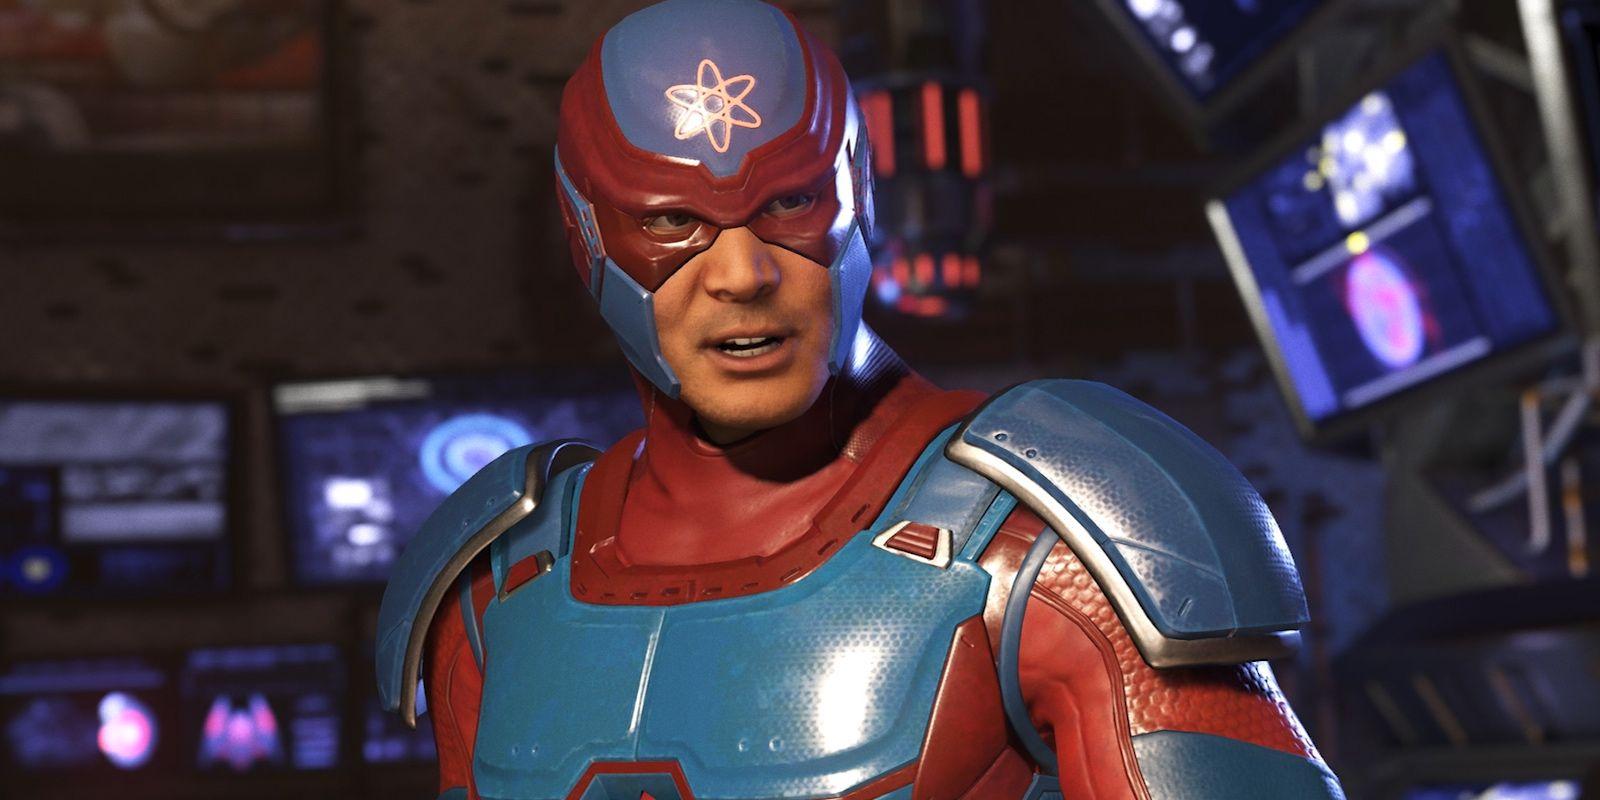 Arrowverse's New Atom Prepares For Crossover Role | CBR